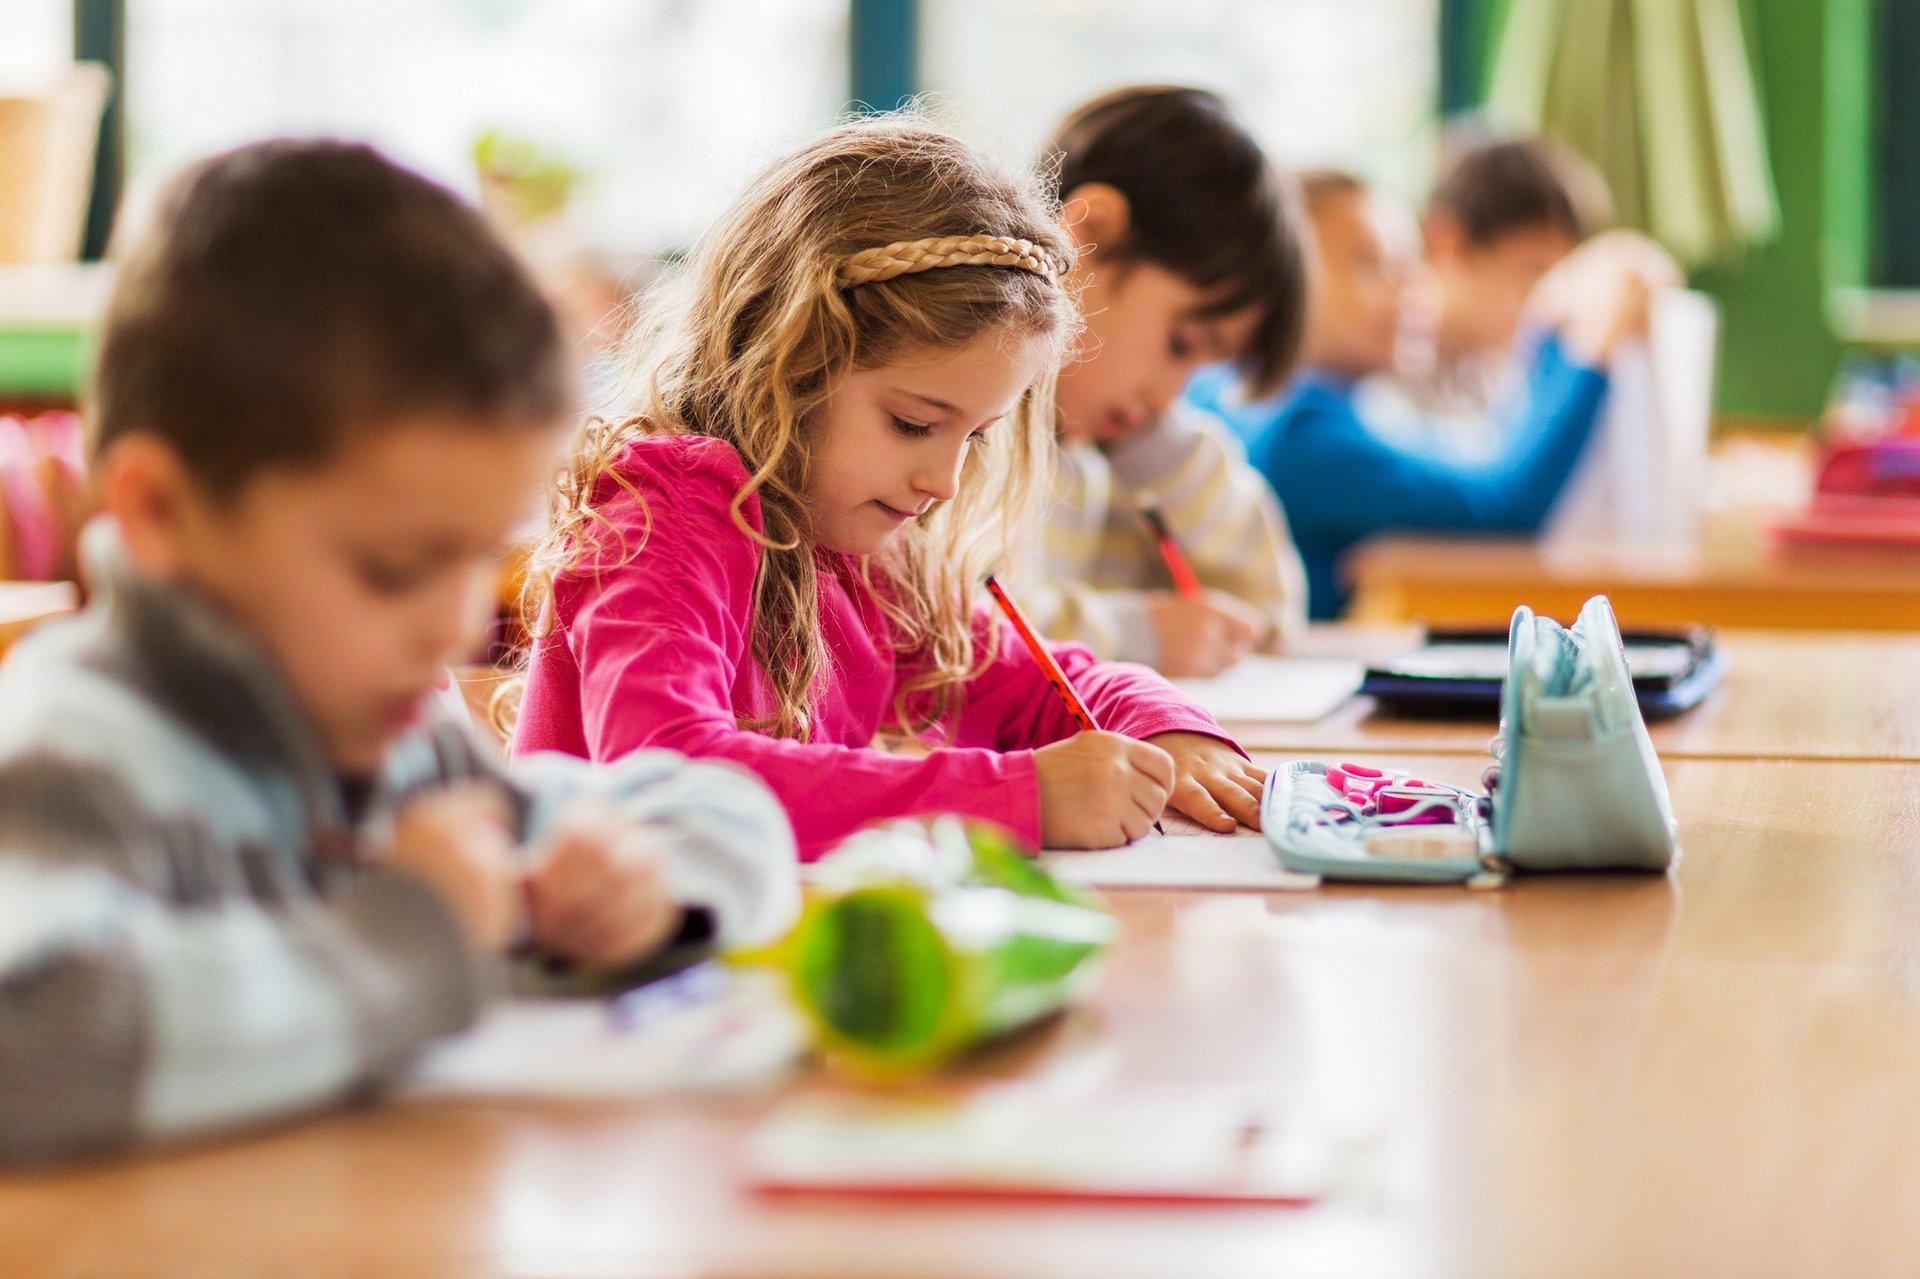 Wyprawka do szkoły dla pierwszoklasisty. Co powinno się w niej znaleźć?